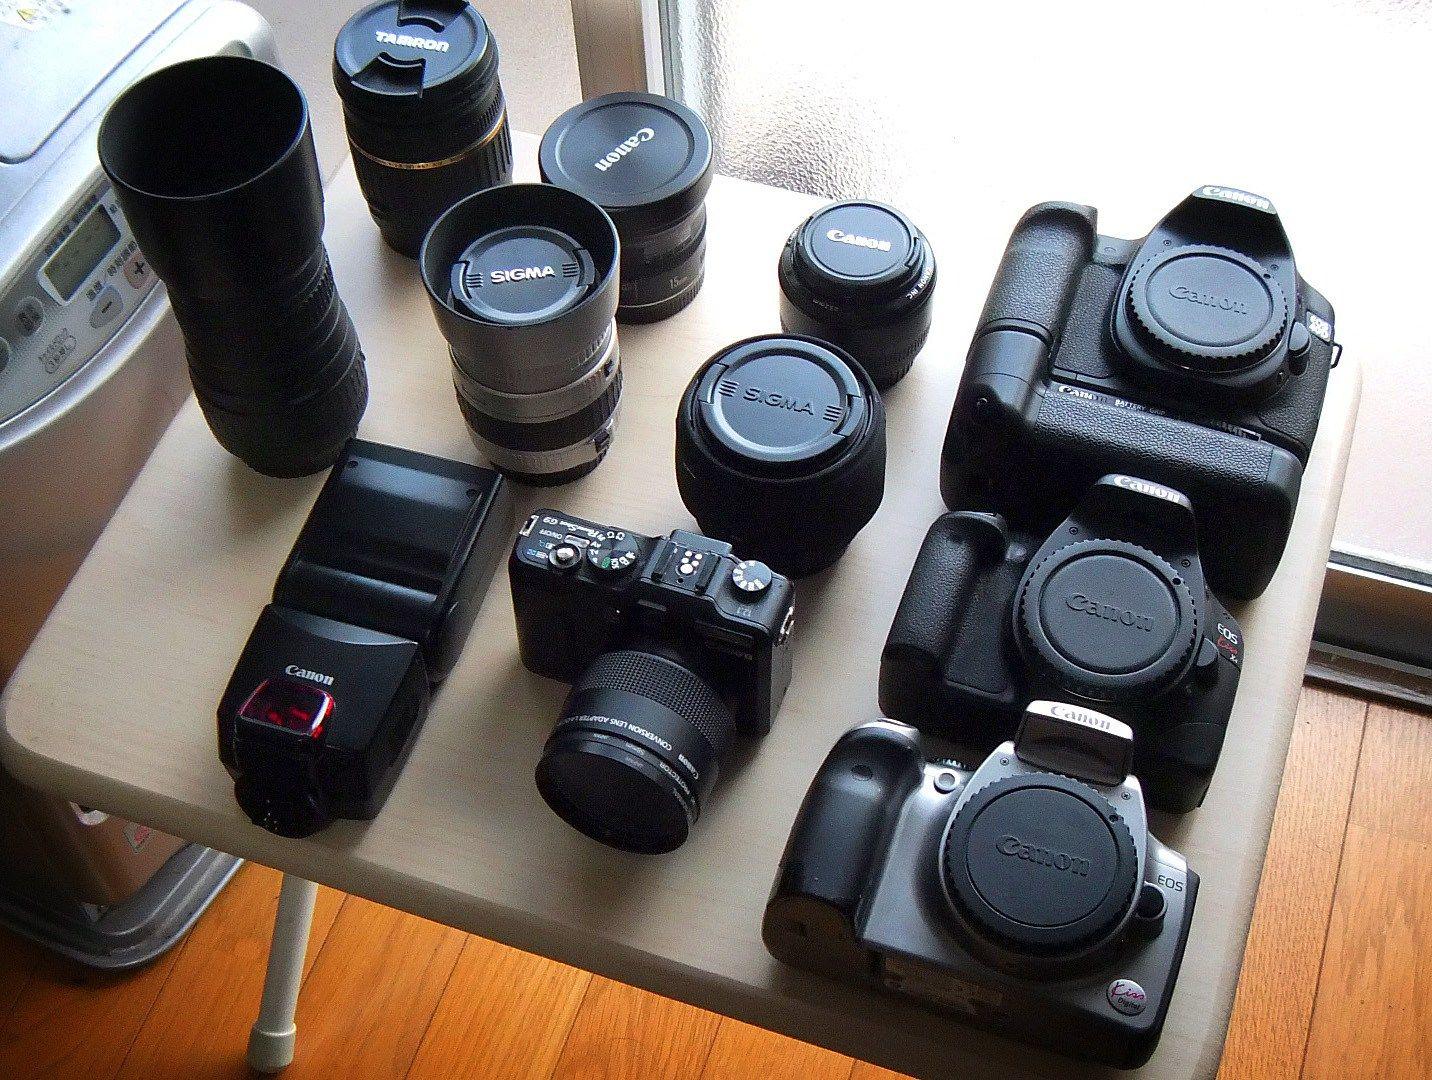 фототехника бухус конспект самые интересные